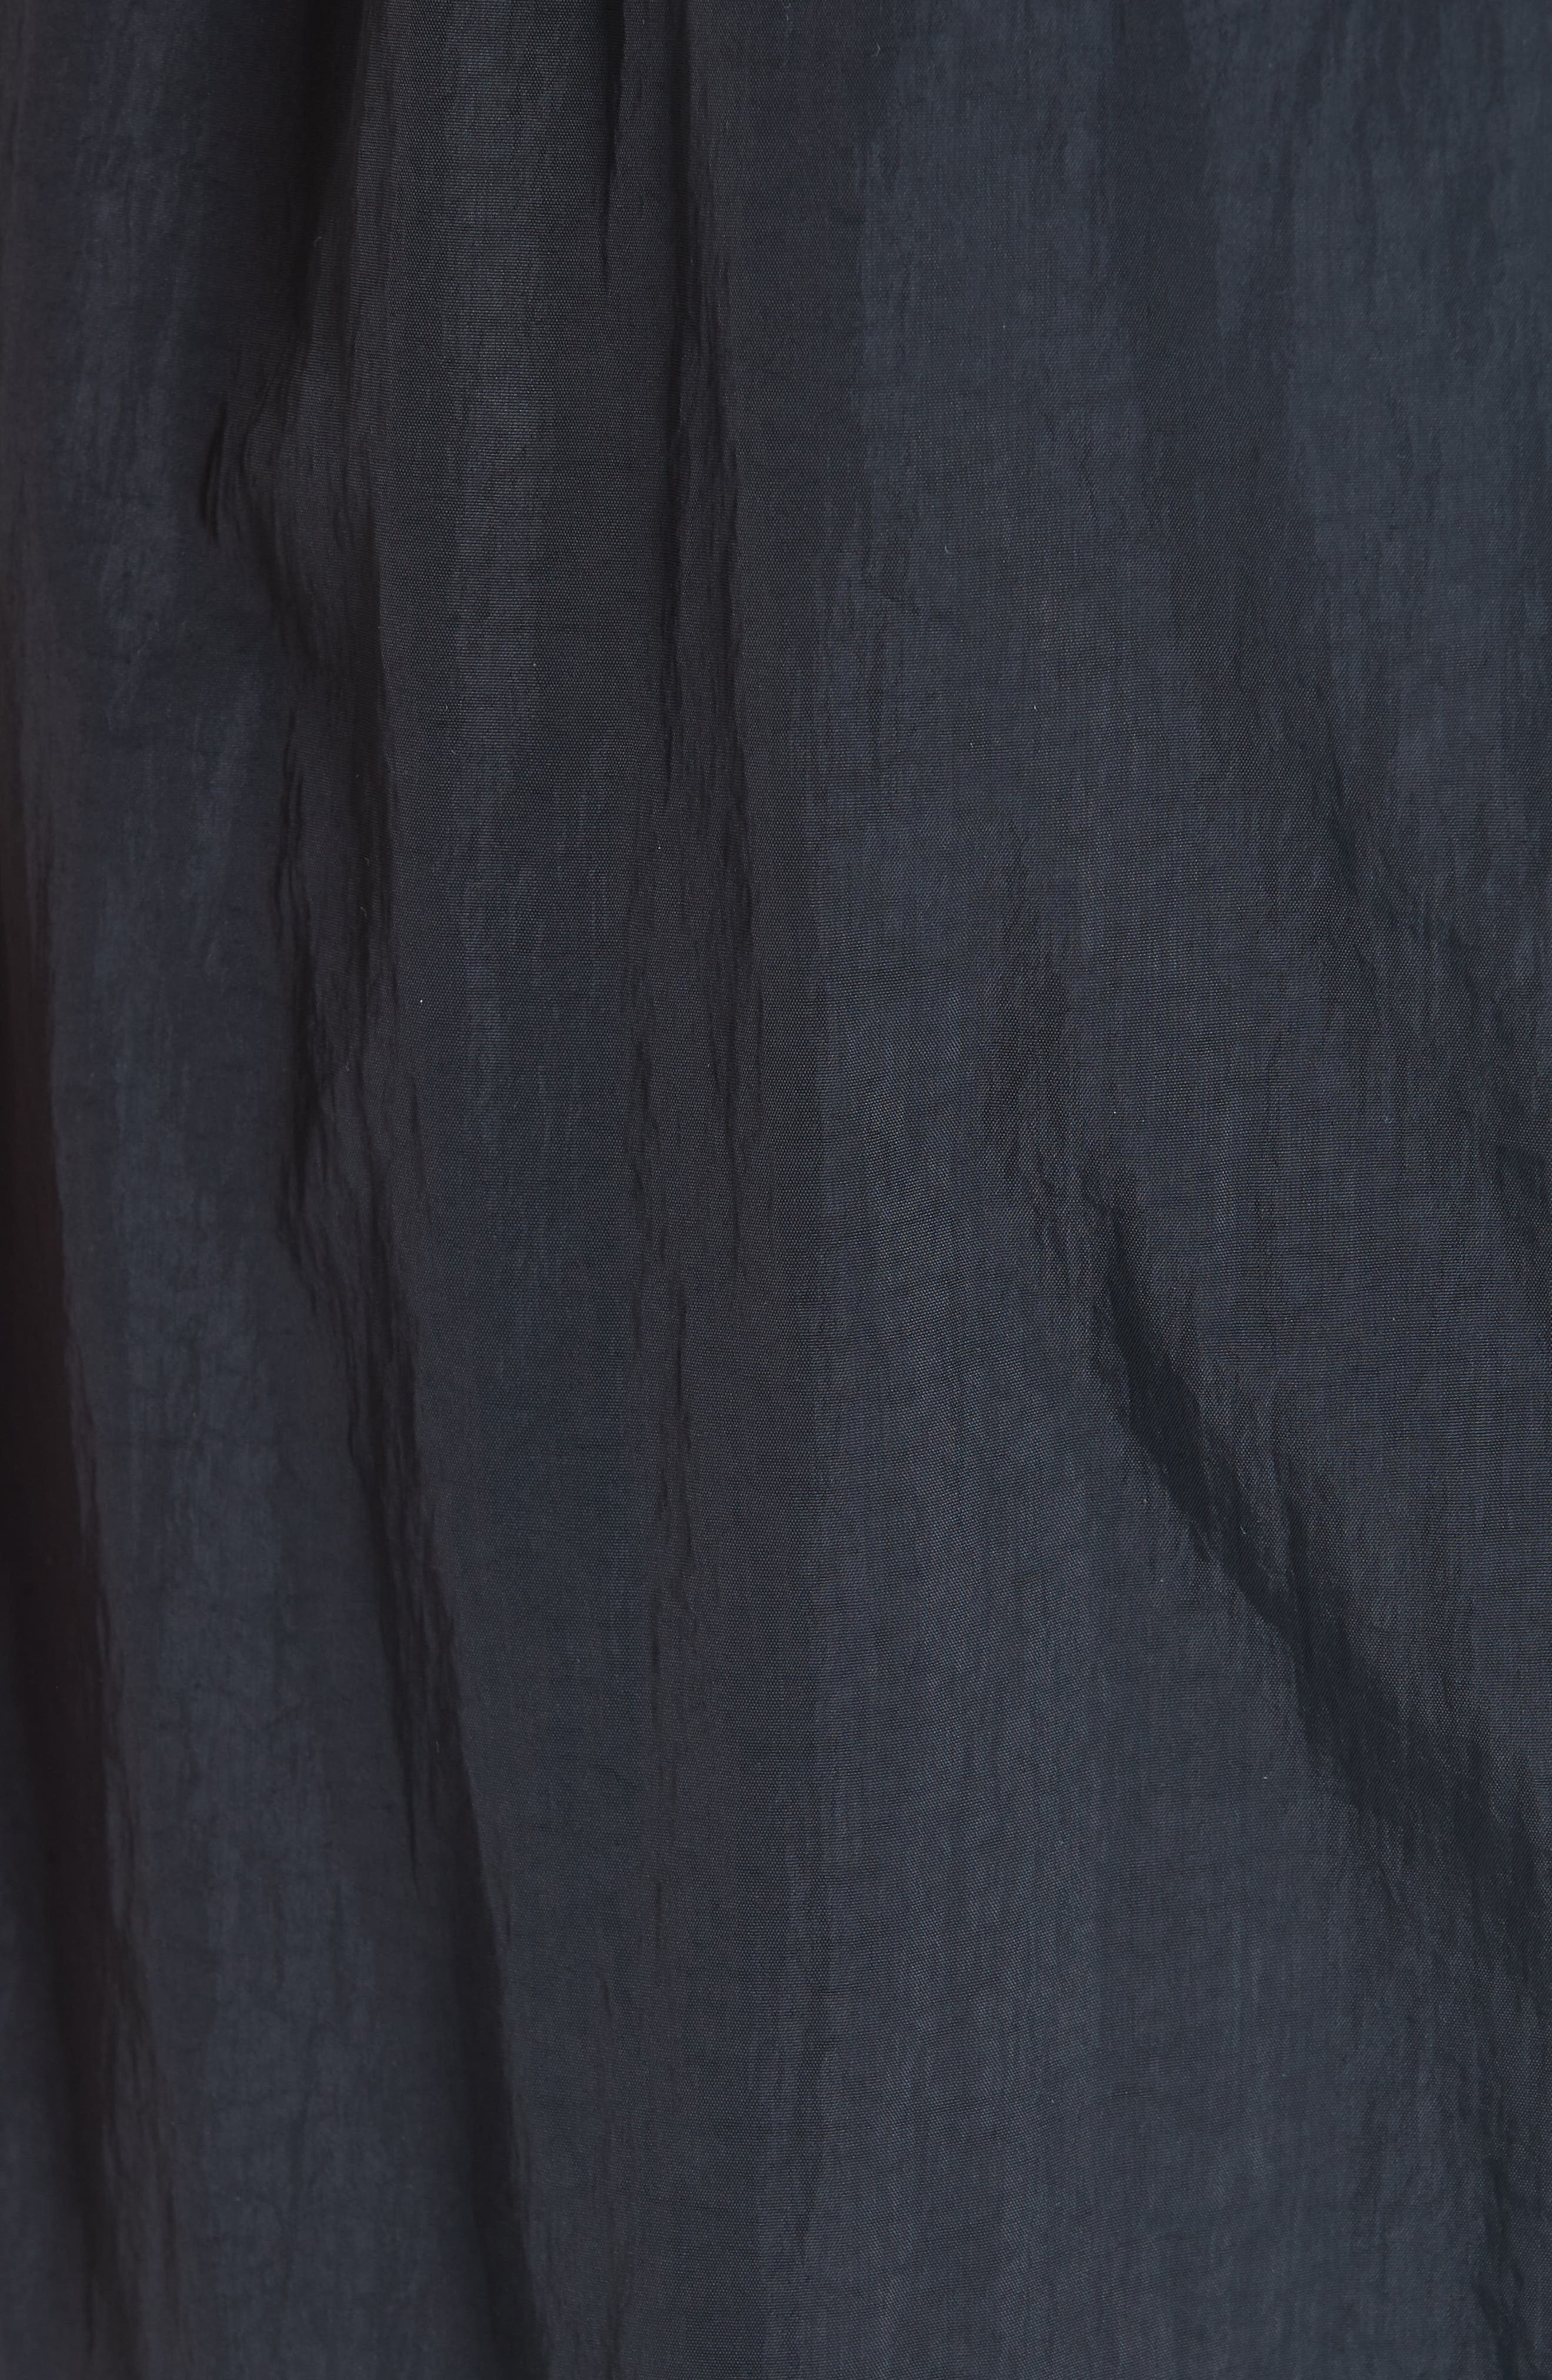 Nylon Chopper Pants,                             Alternate thumbnail 5, color,                             BLACK